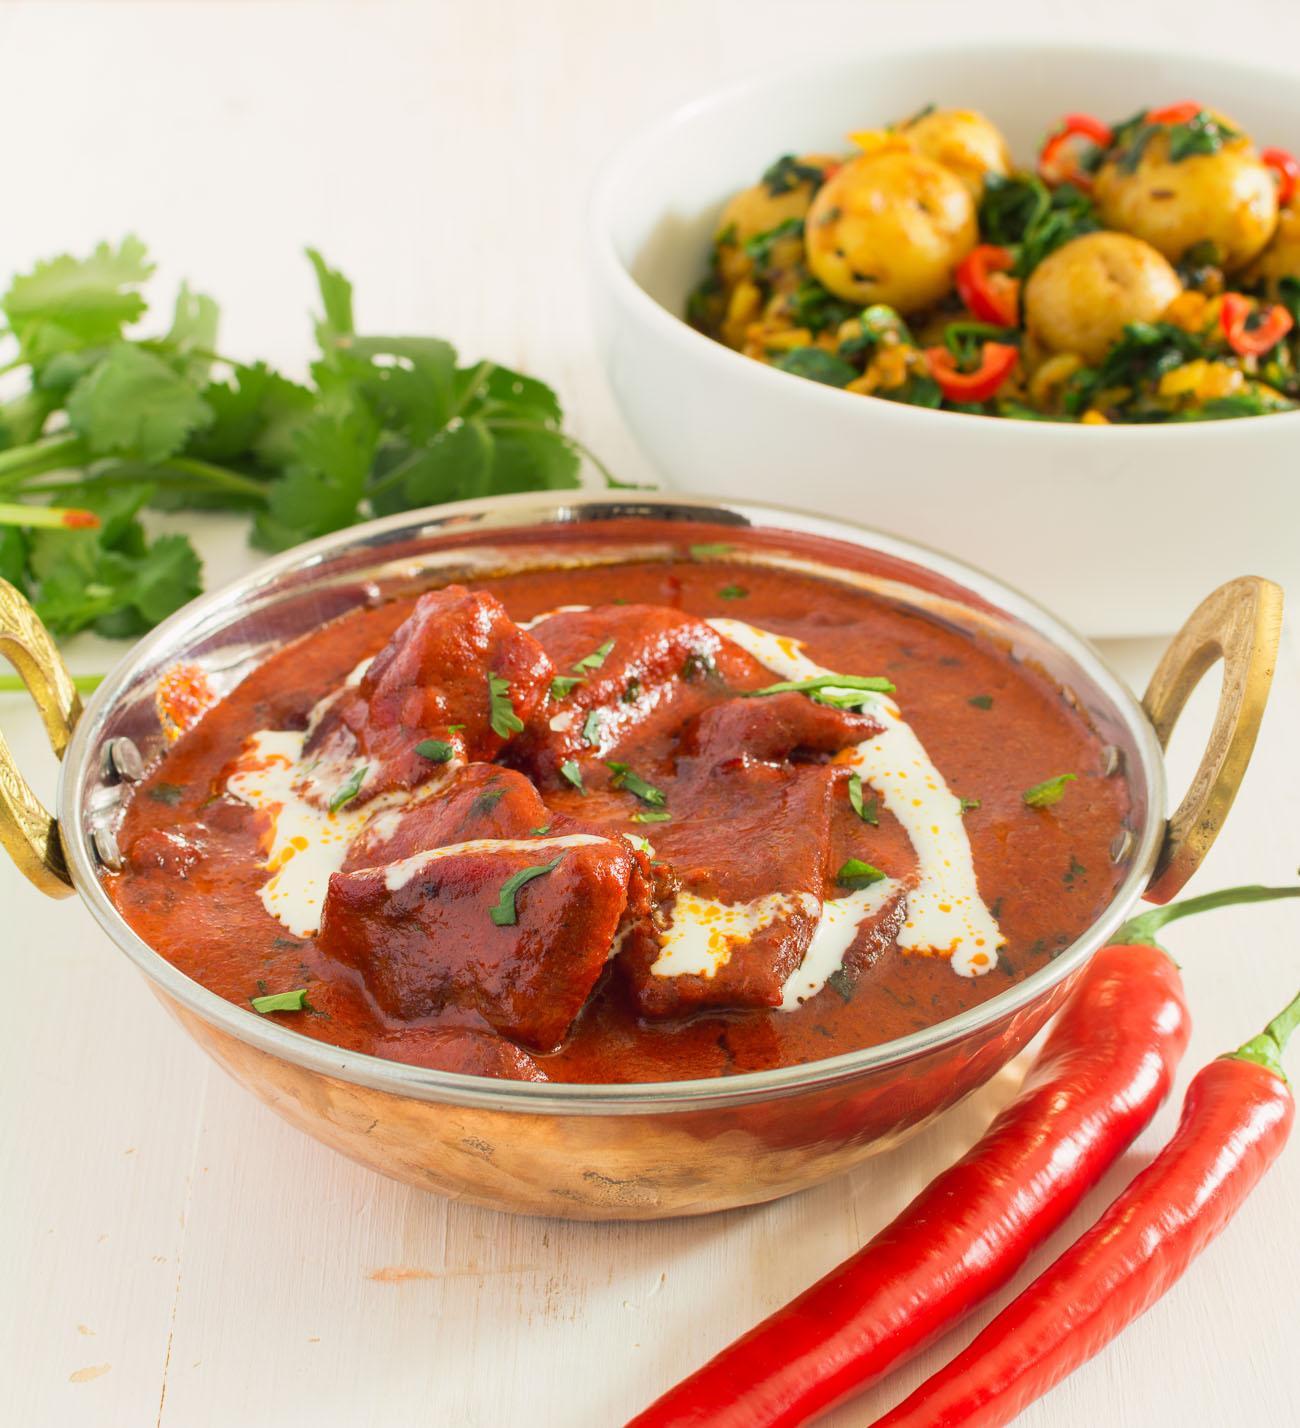 Restaurant chicken tikka masala glebe kitchen restaurant chicken tikka masala forumfinder Image collections